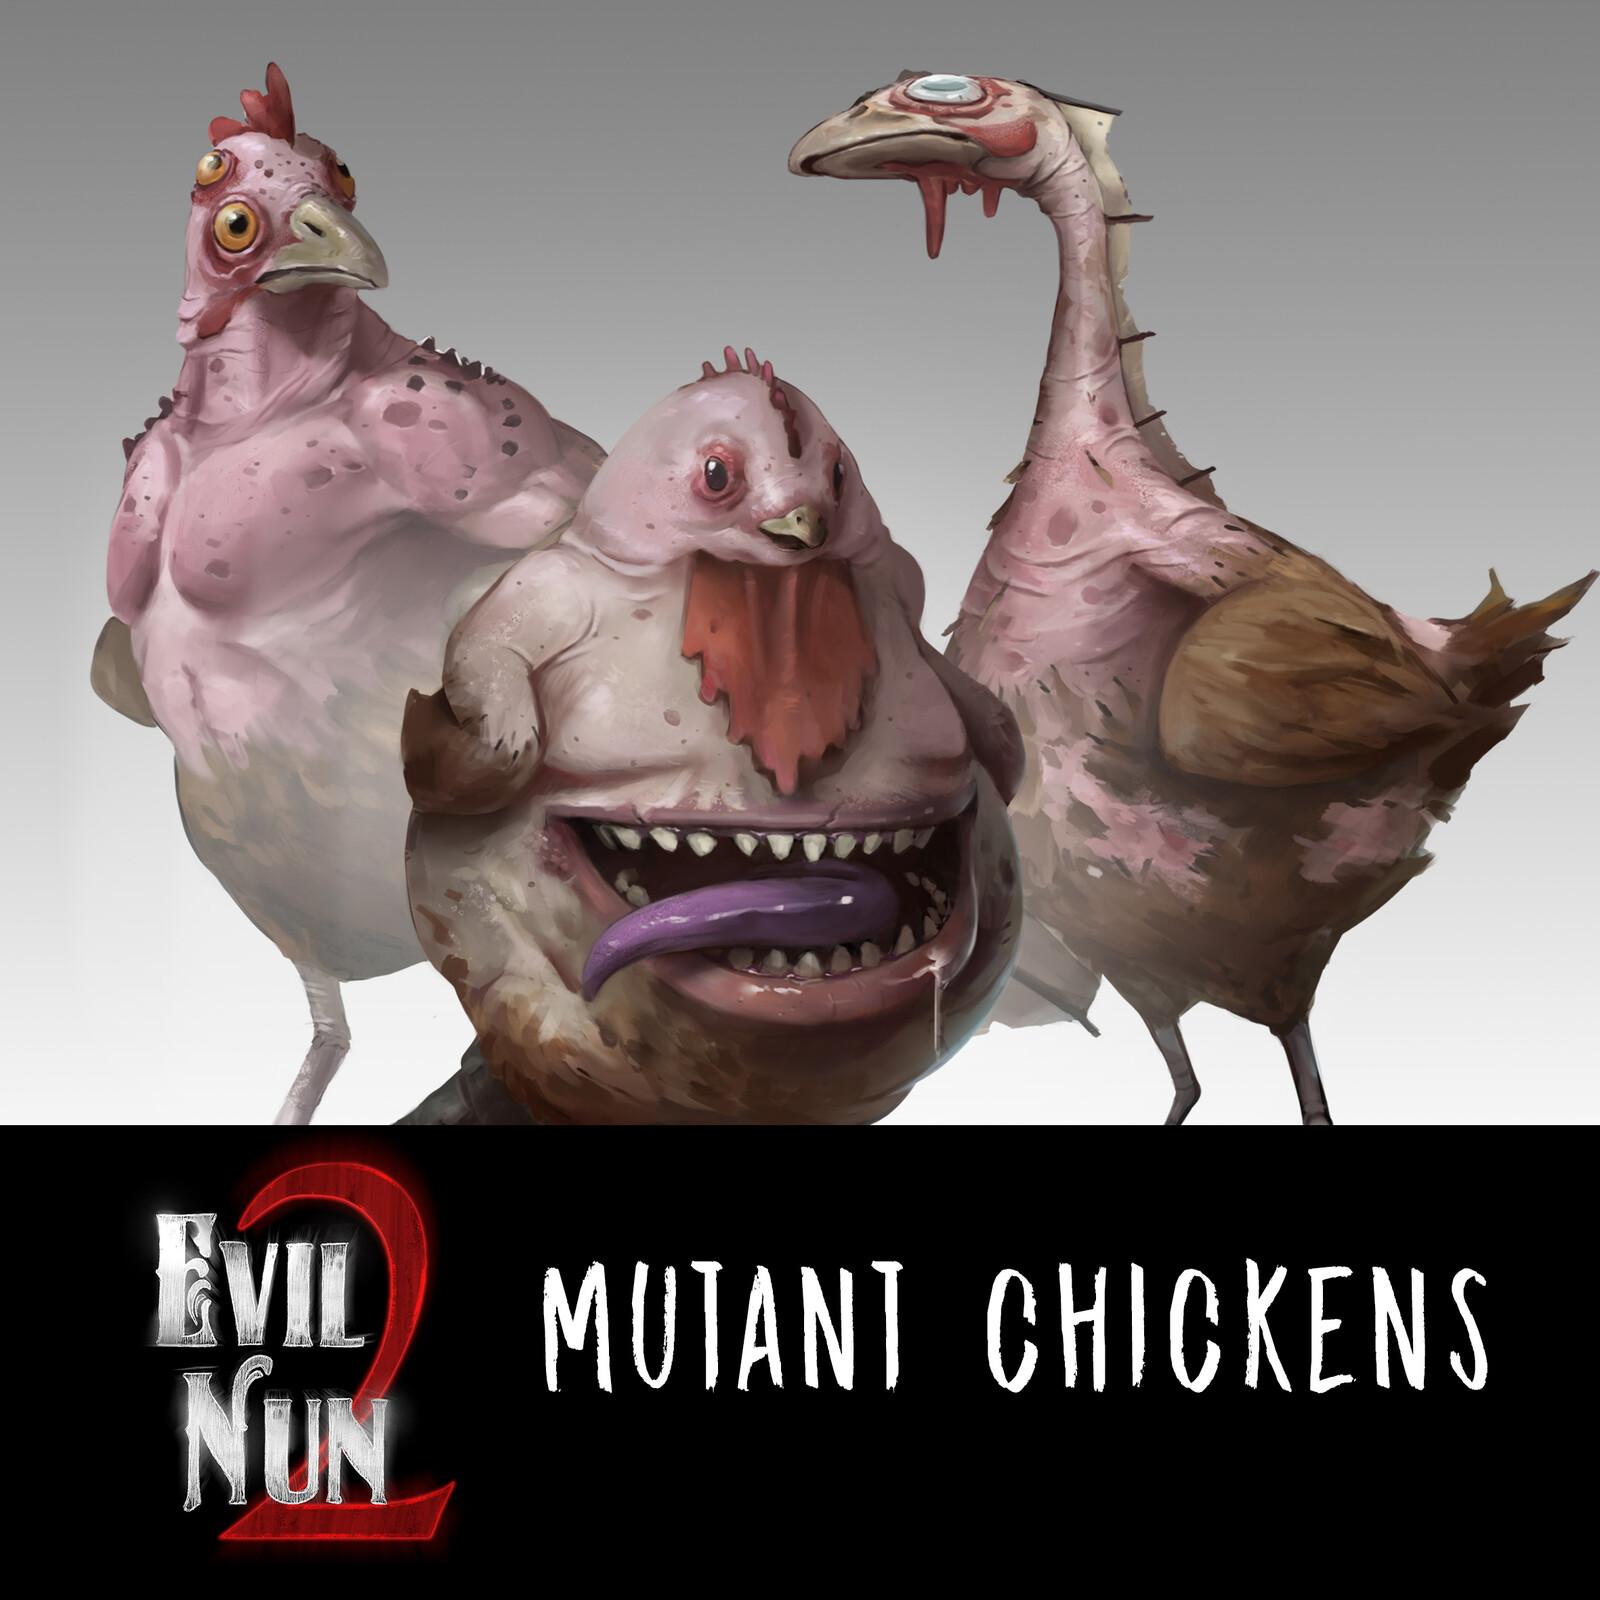 Mutant chickens